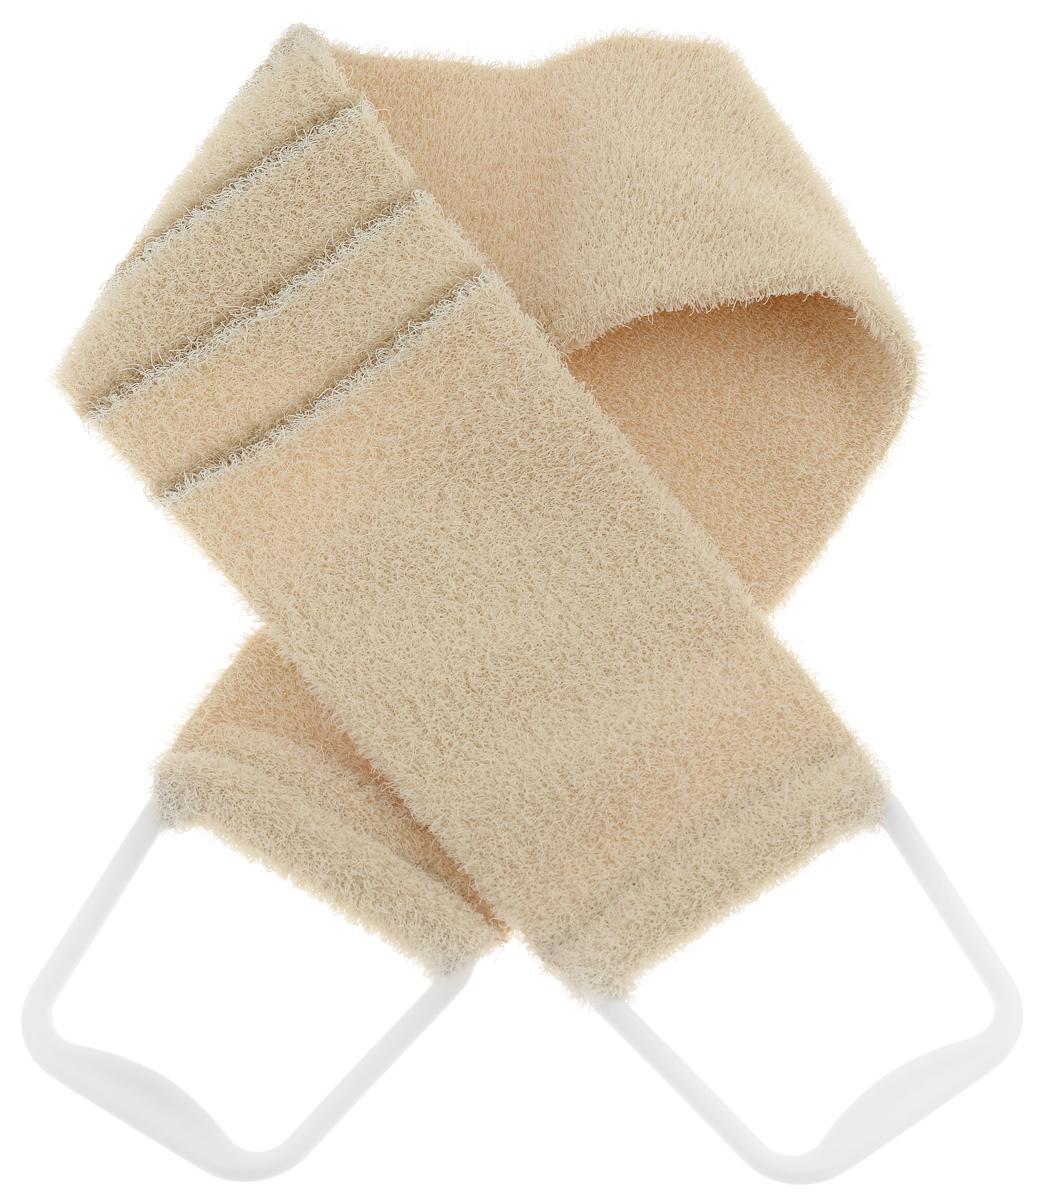 Riffi Мочалка-пояс, массажная, жесткая, цвет: бежевый. 824824_бежевыйМочалка-пояс Riffi используется для мытья тела, обладает активным пилинговым действием, тонизируя, массируя и эффективно очищая вашу кожу. Хлопковая основа придает мочалке высокие моющие свойства, а примесь жестких синтетических волокон усиливает ее массажное воздействие на кожу. Для удобства применения пояс снабжен двумя пластиковыми ручками. Благодаря отшелушивающему эффекту мочалки-пояса, кожа освобождается от отмерших клеток, становится гладкой, упругой и свежей. Массаж тела с применением Riffi стимулирует кровообращение, активирует кровоснабжение, способствует обмену веществ, что в свою очередь позволяет себя чувствовать бодрым и отдохнувшим после принятия душа или ванны. Riffi регенерирует кожу, делает ее приятно нежной, мягкой и лучше готовой к принятию косметических средств. Приносит приятное расслабление всему организму. Борется со спазмами и болями в мышцах, предупреждает образование целлюлита и обеспечивает омолаживающий эффект. Моет легко и энергично. Быстро...